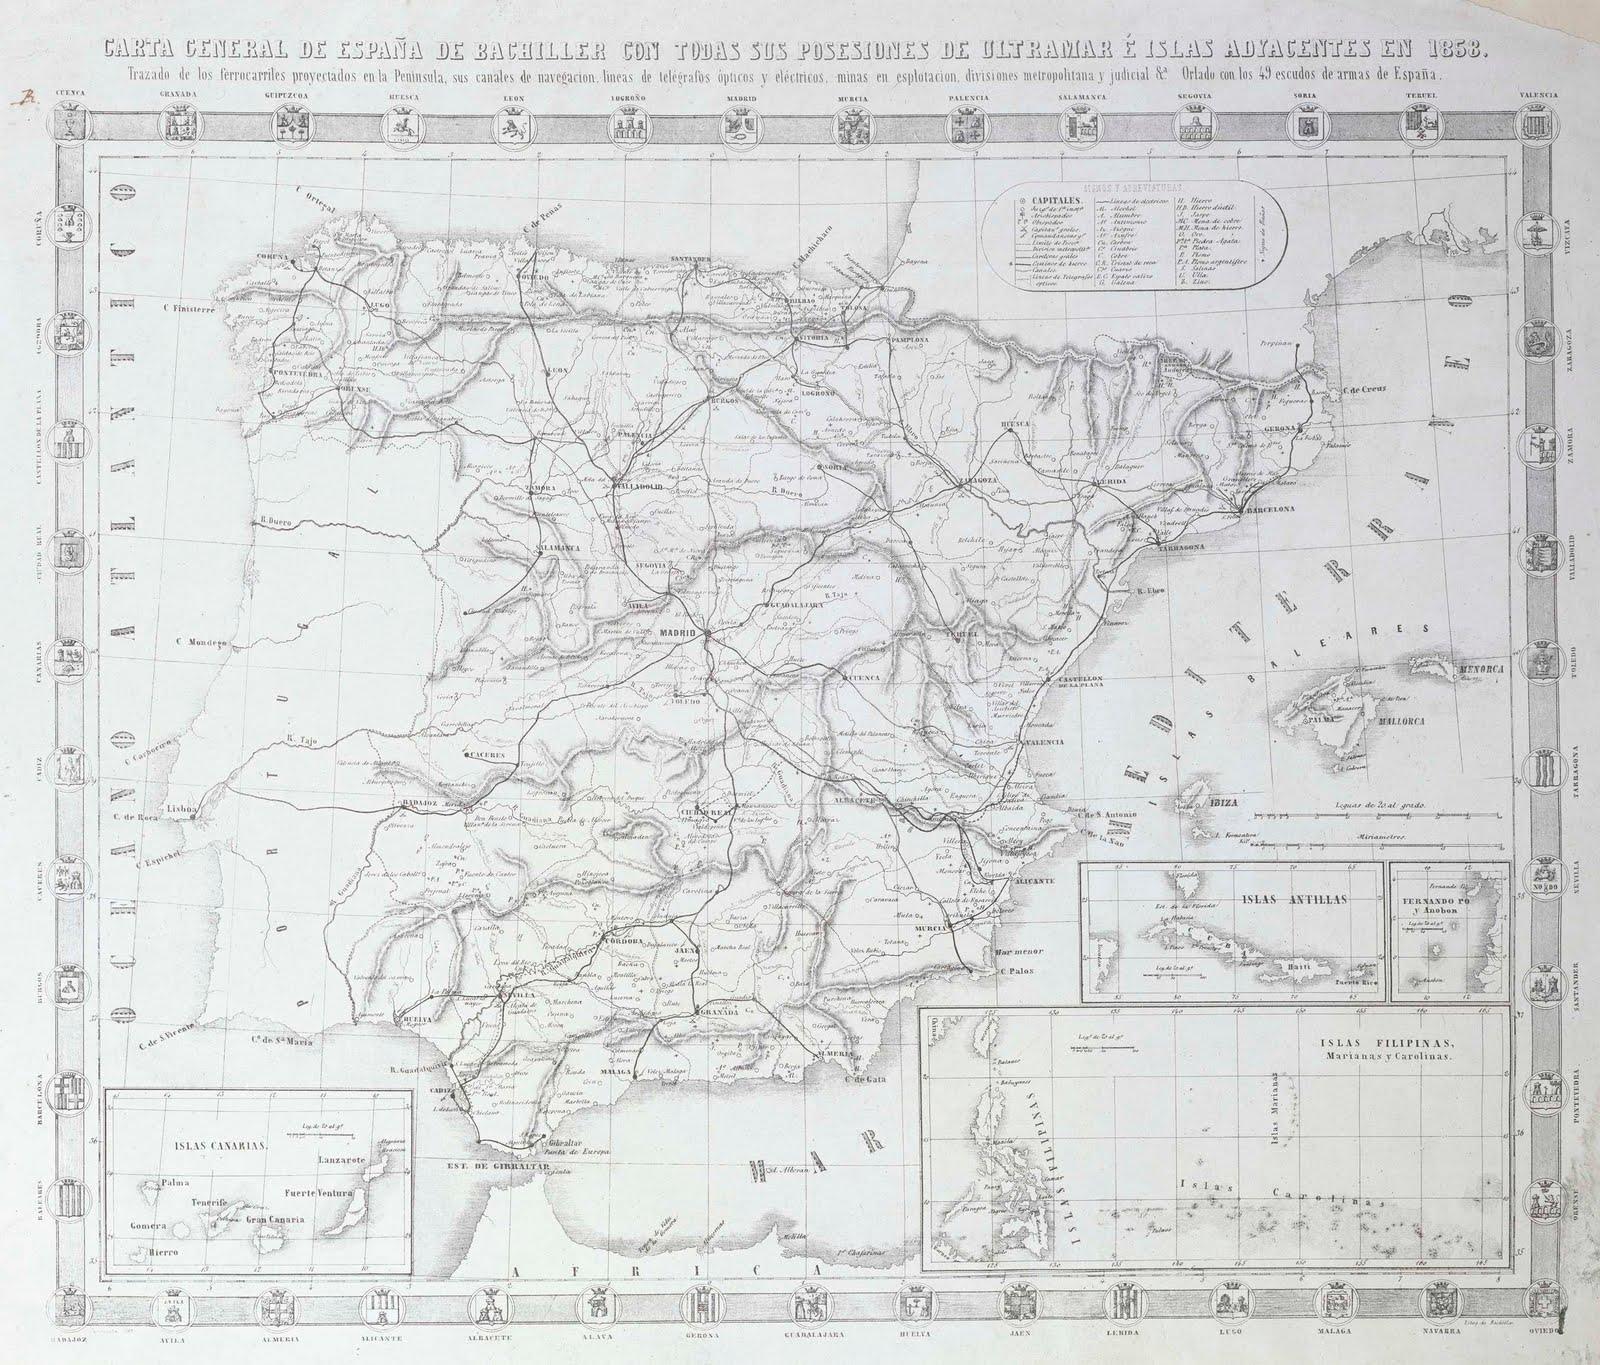 Carta General de España de Bachiller con todas sus posesiones de Ultramar e Islas adyacentes en 1858.